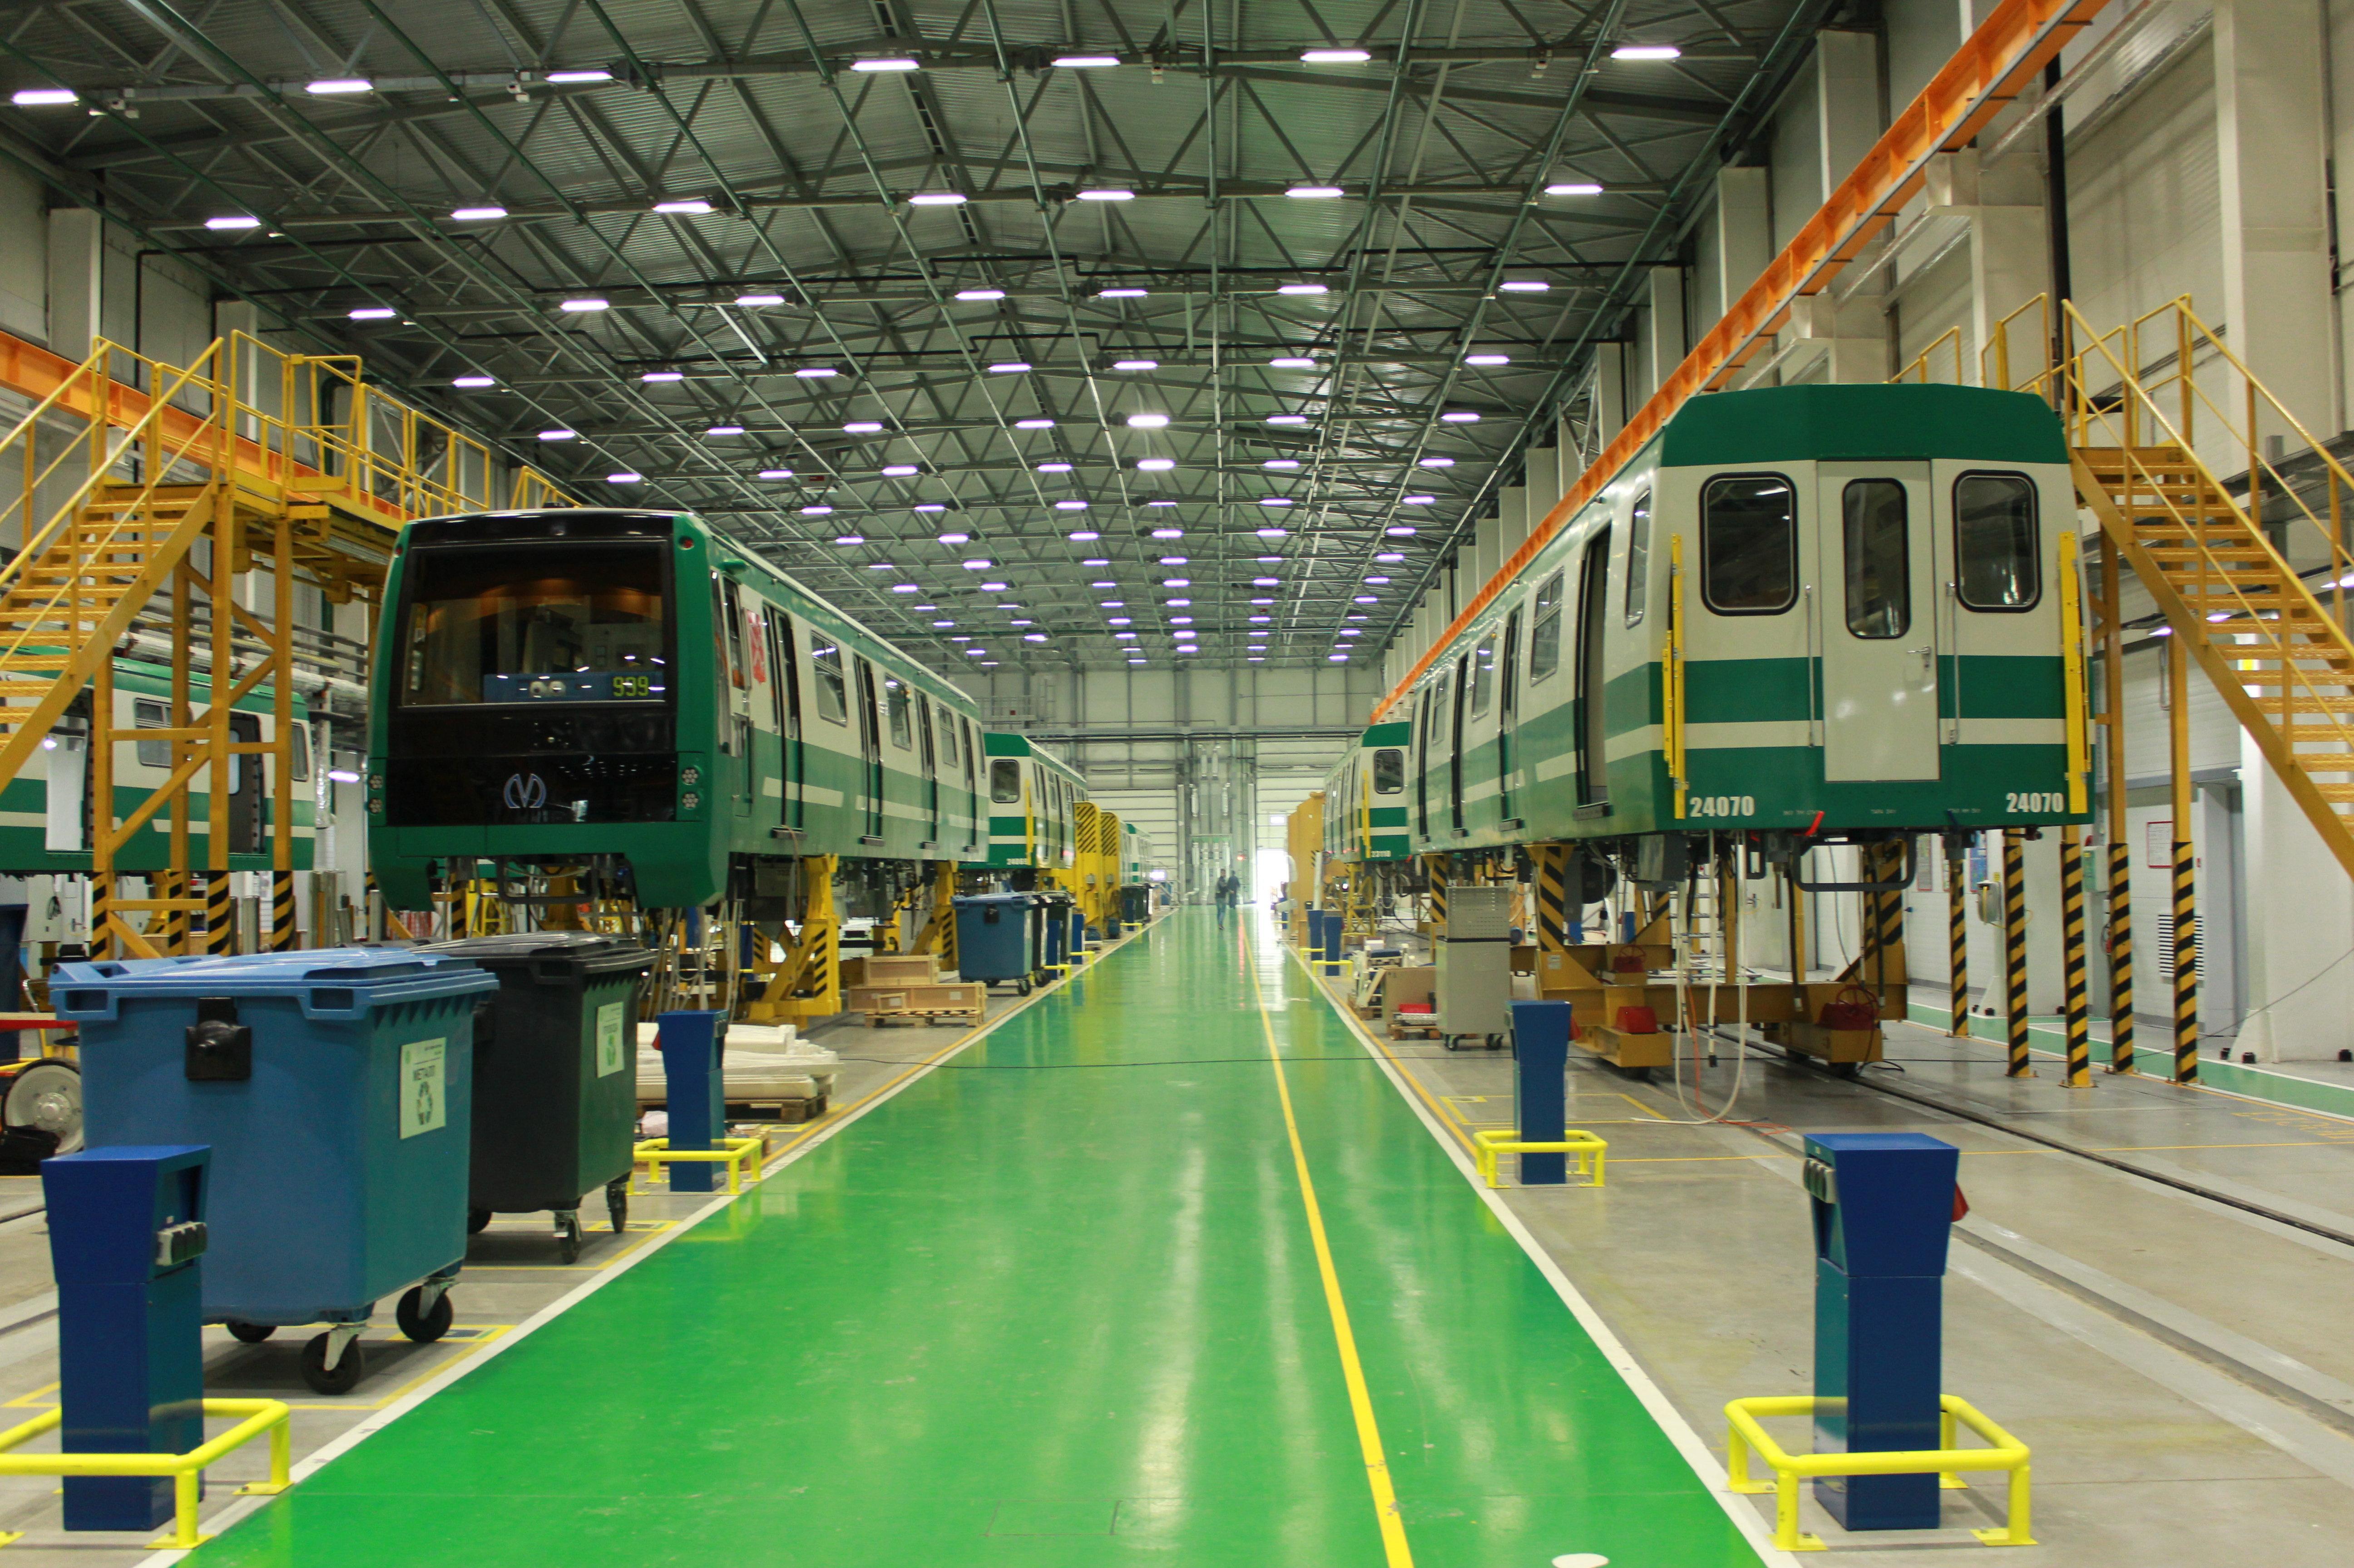 Talleres ferroviarios de alta tecnología, en la ciudad de San Petersburgo de la empresa privada rusa Transmashholding.